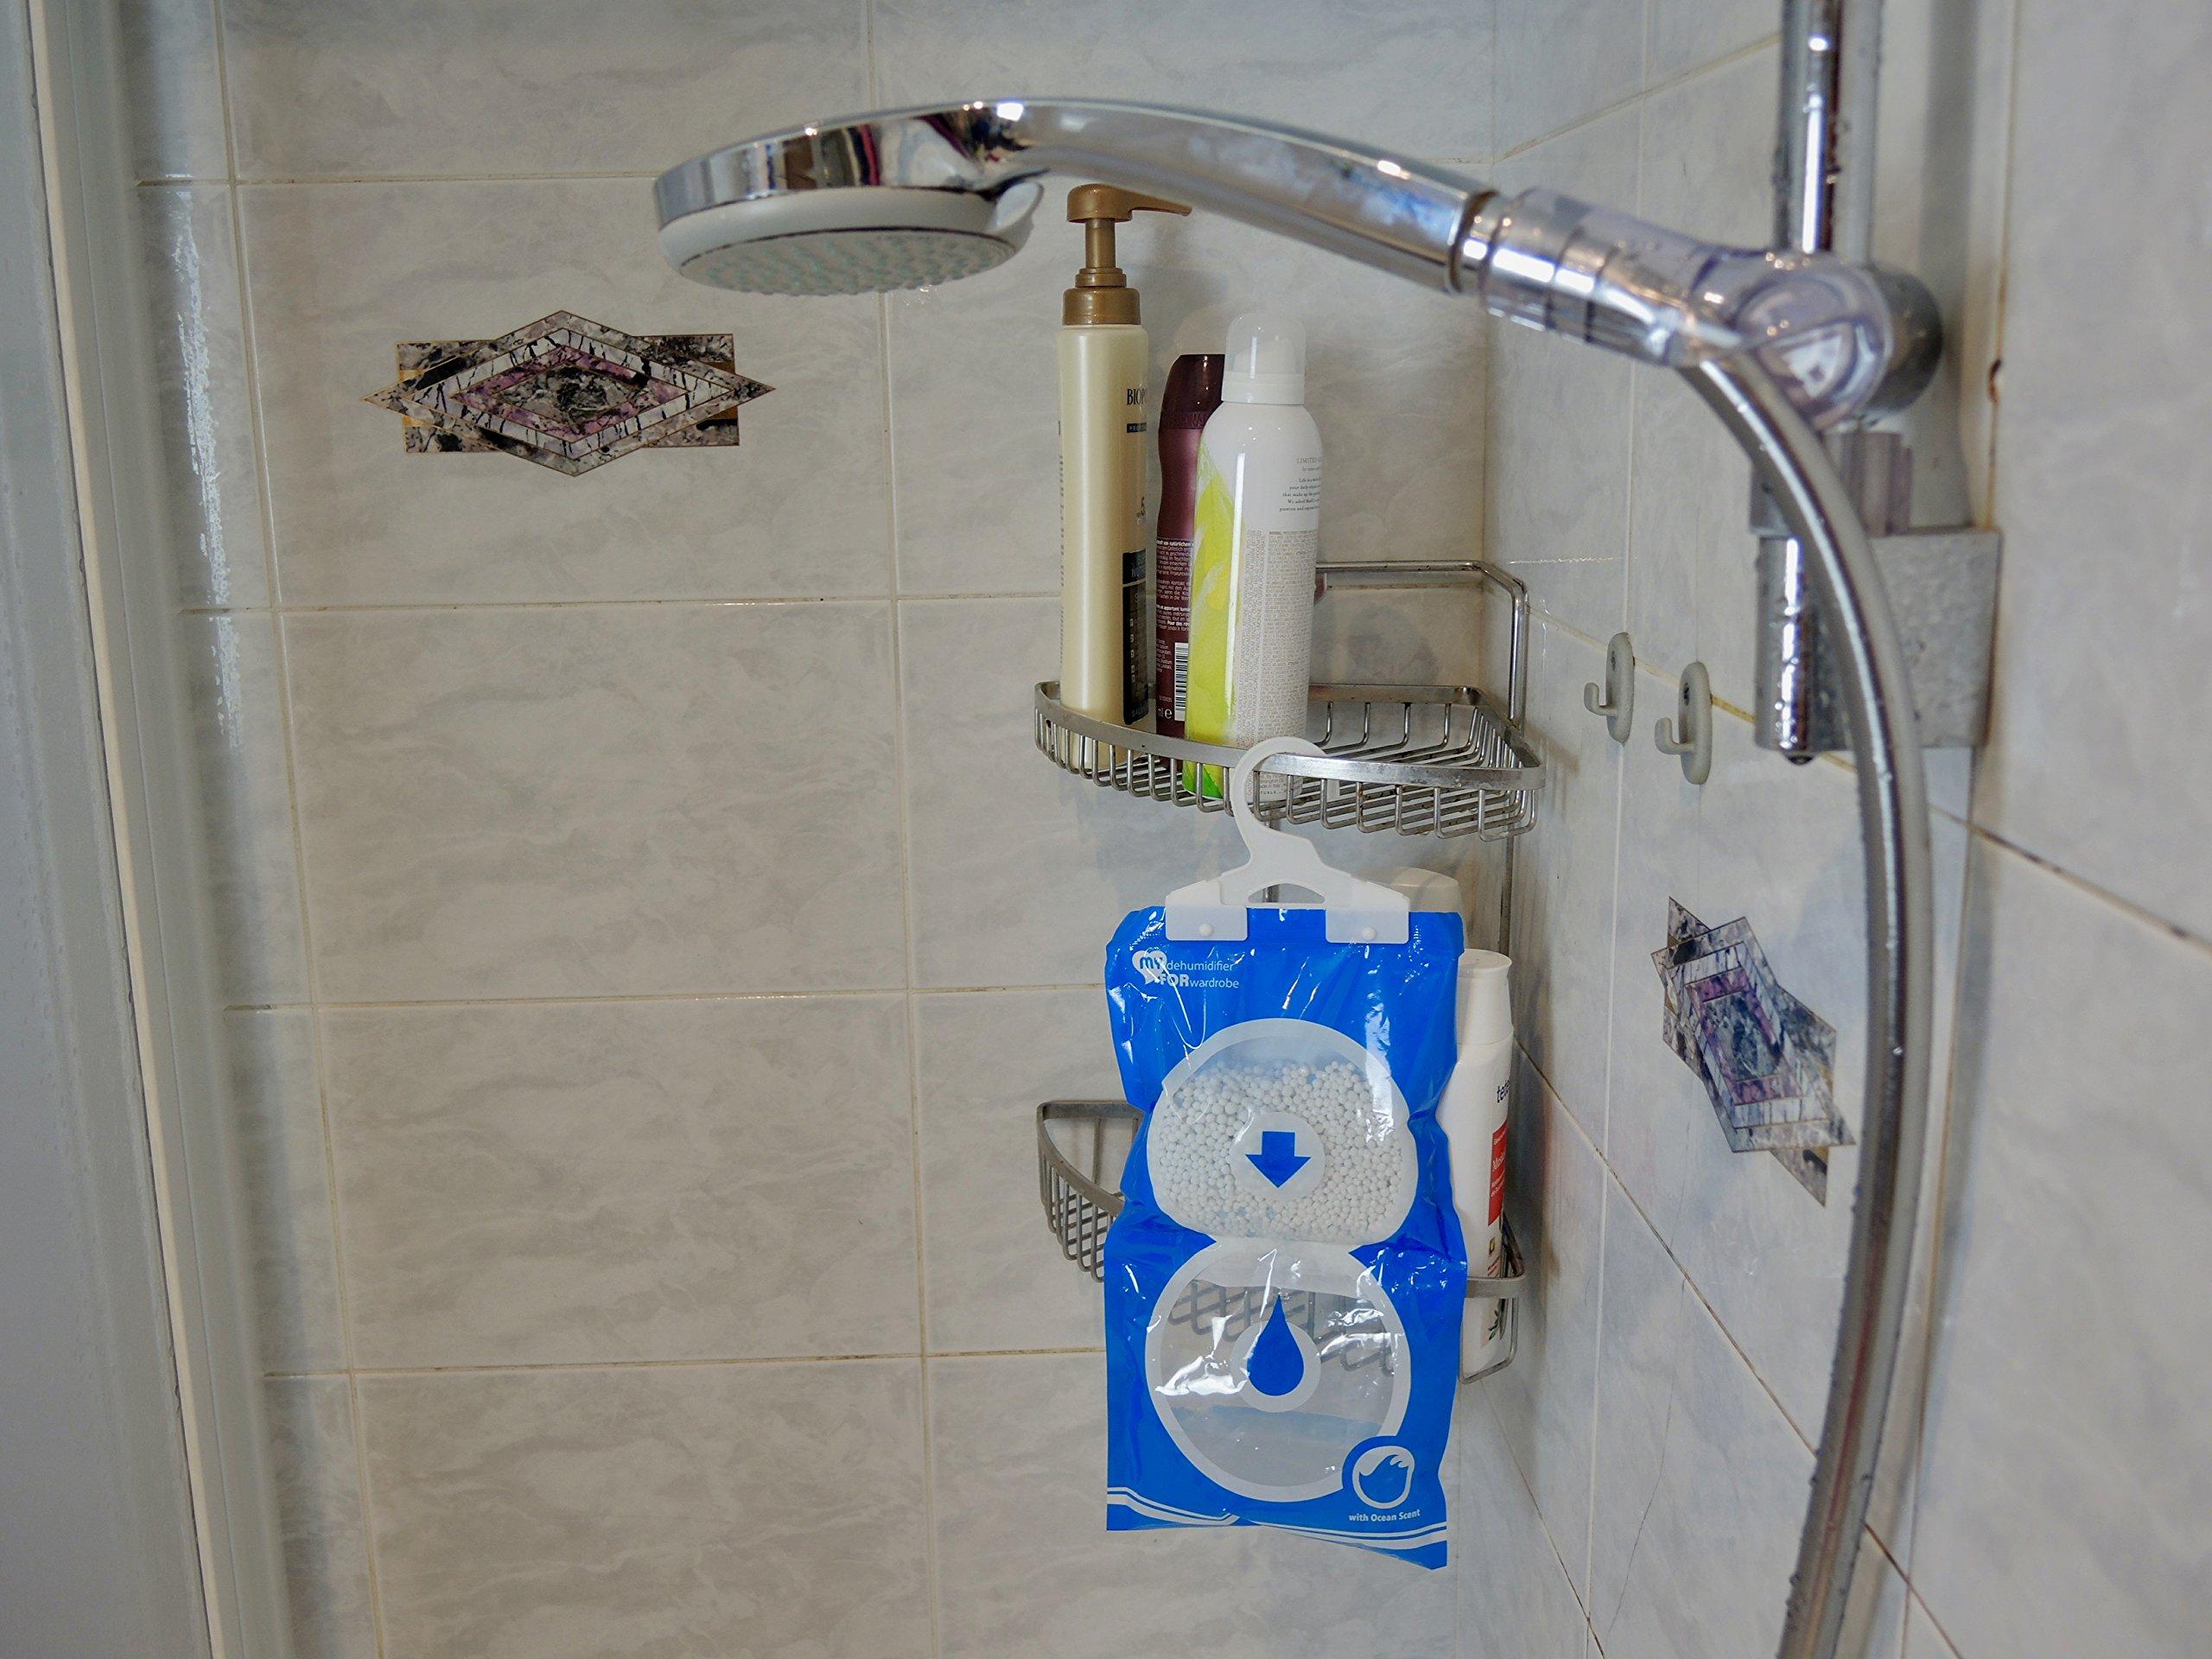 4 | 6 | 8 sachets déshumidifiant parfumé pour armoire |MY DEHUMIDIFIER FOR WARDROBE | anti humidité et moisissure | absorbeur d\'humidité pour caravanes, garde-robe, sécher à sec | 6 pièce